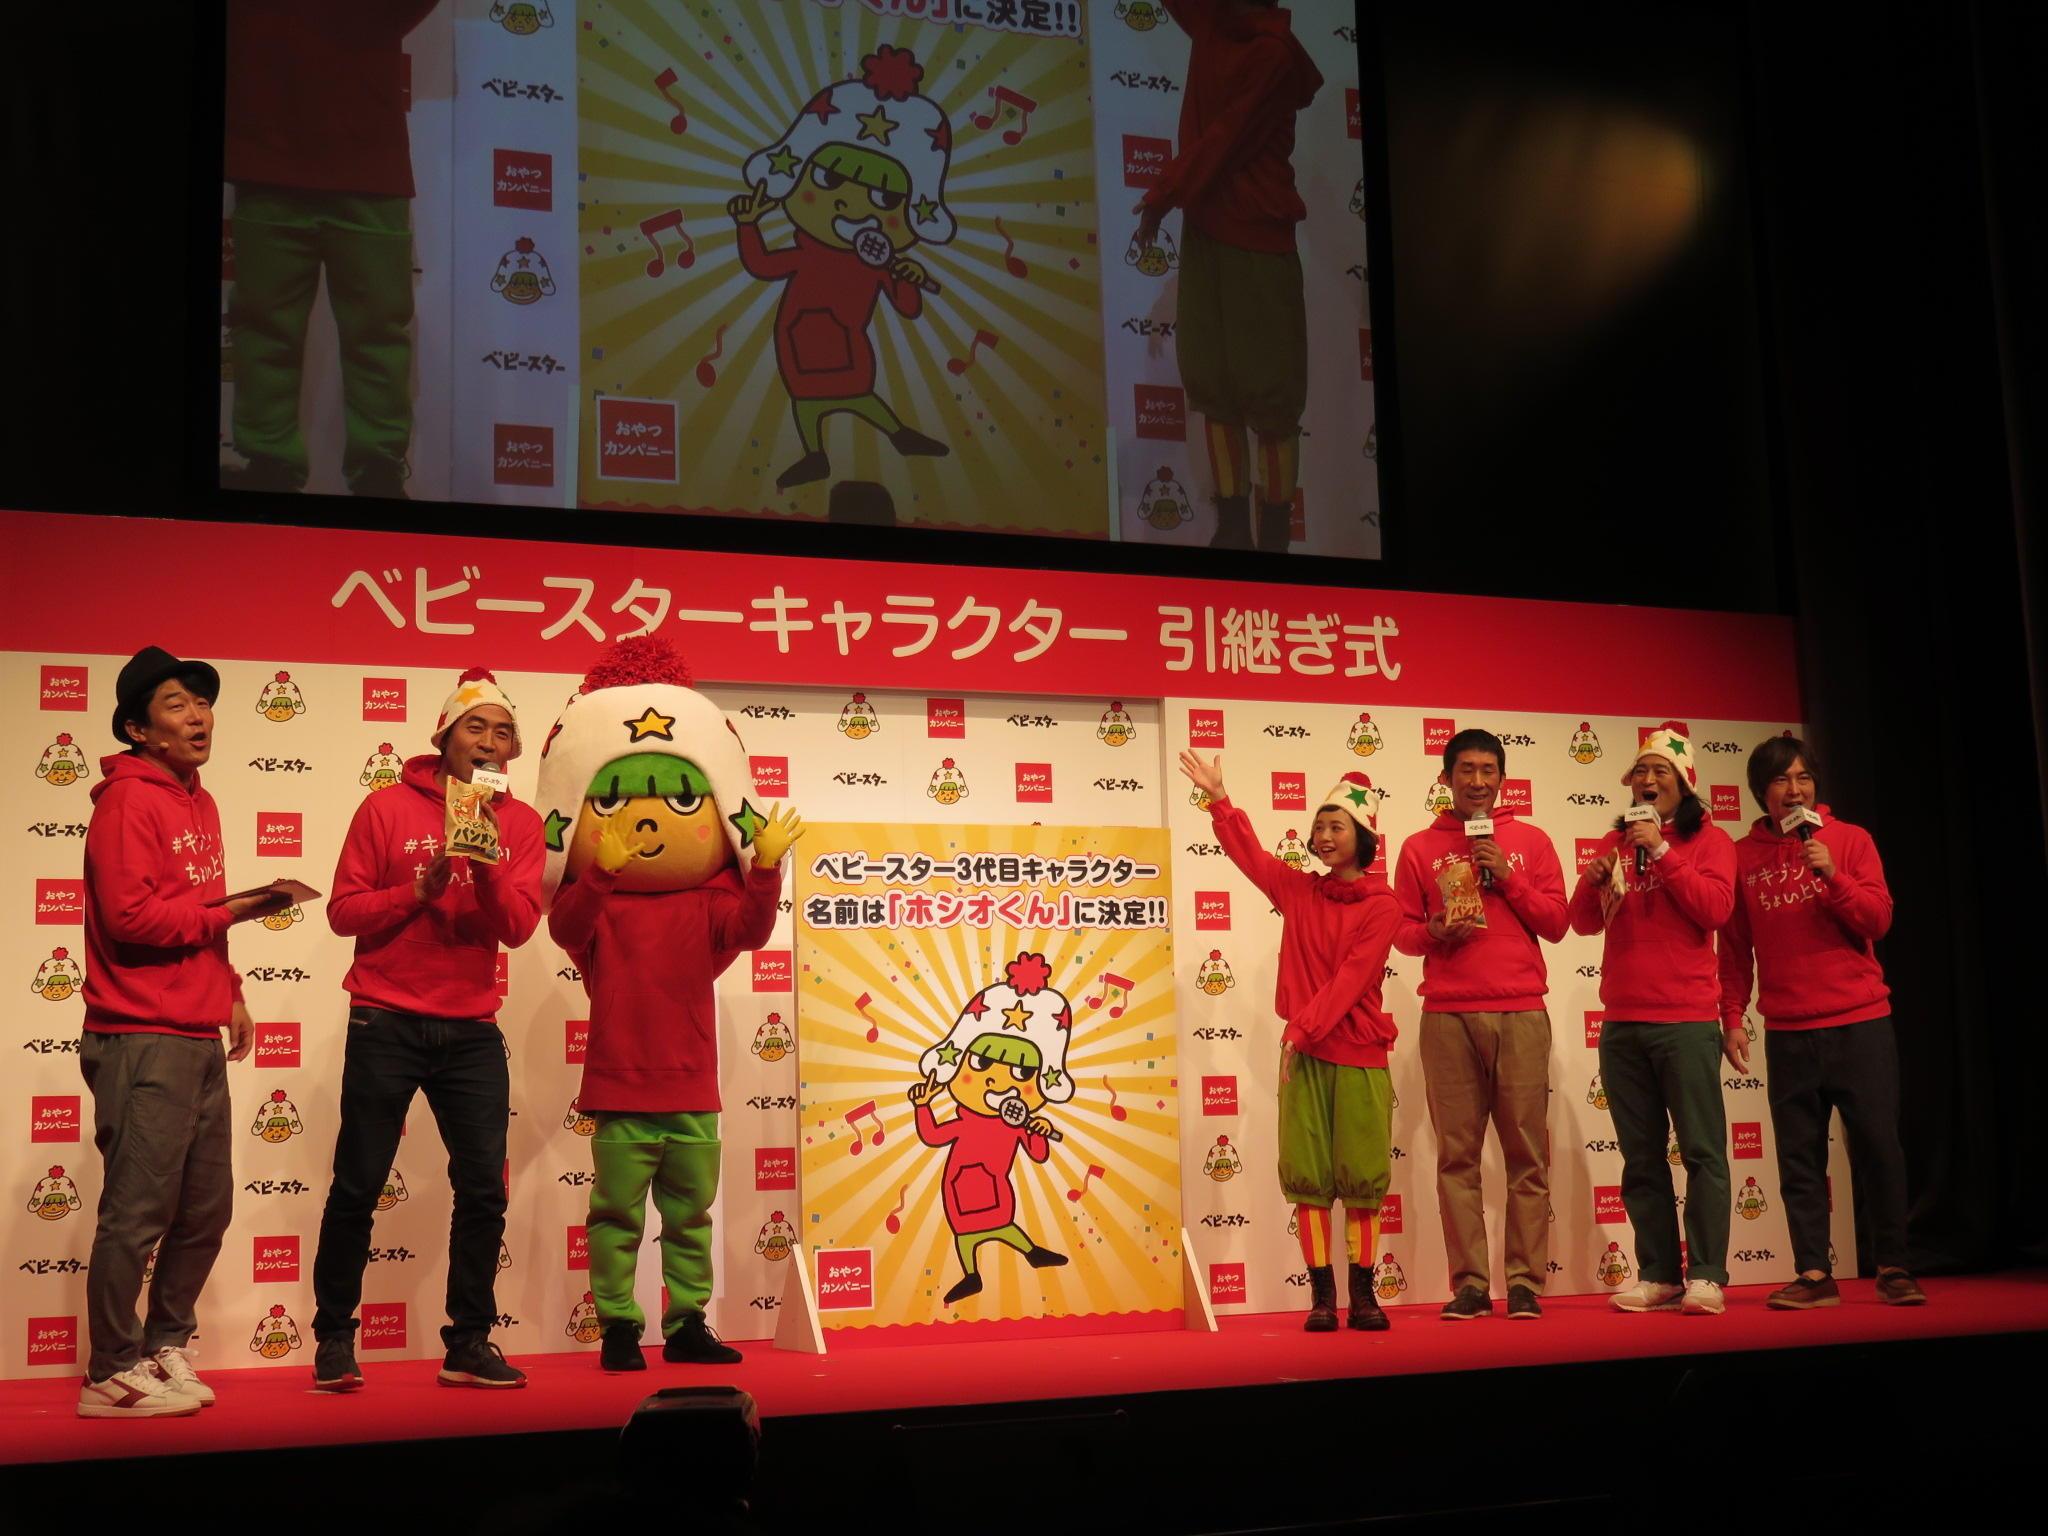 http://news.yoshimoto.co.jp/20170131185616-2a00184e2c64c545d86246b64a127aa372bb4e21.jpg